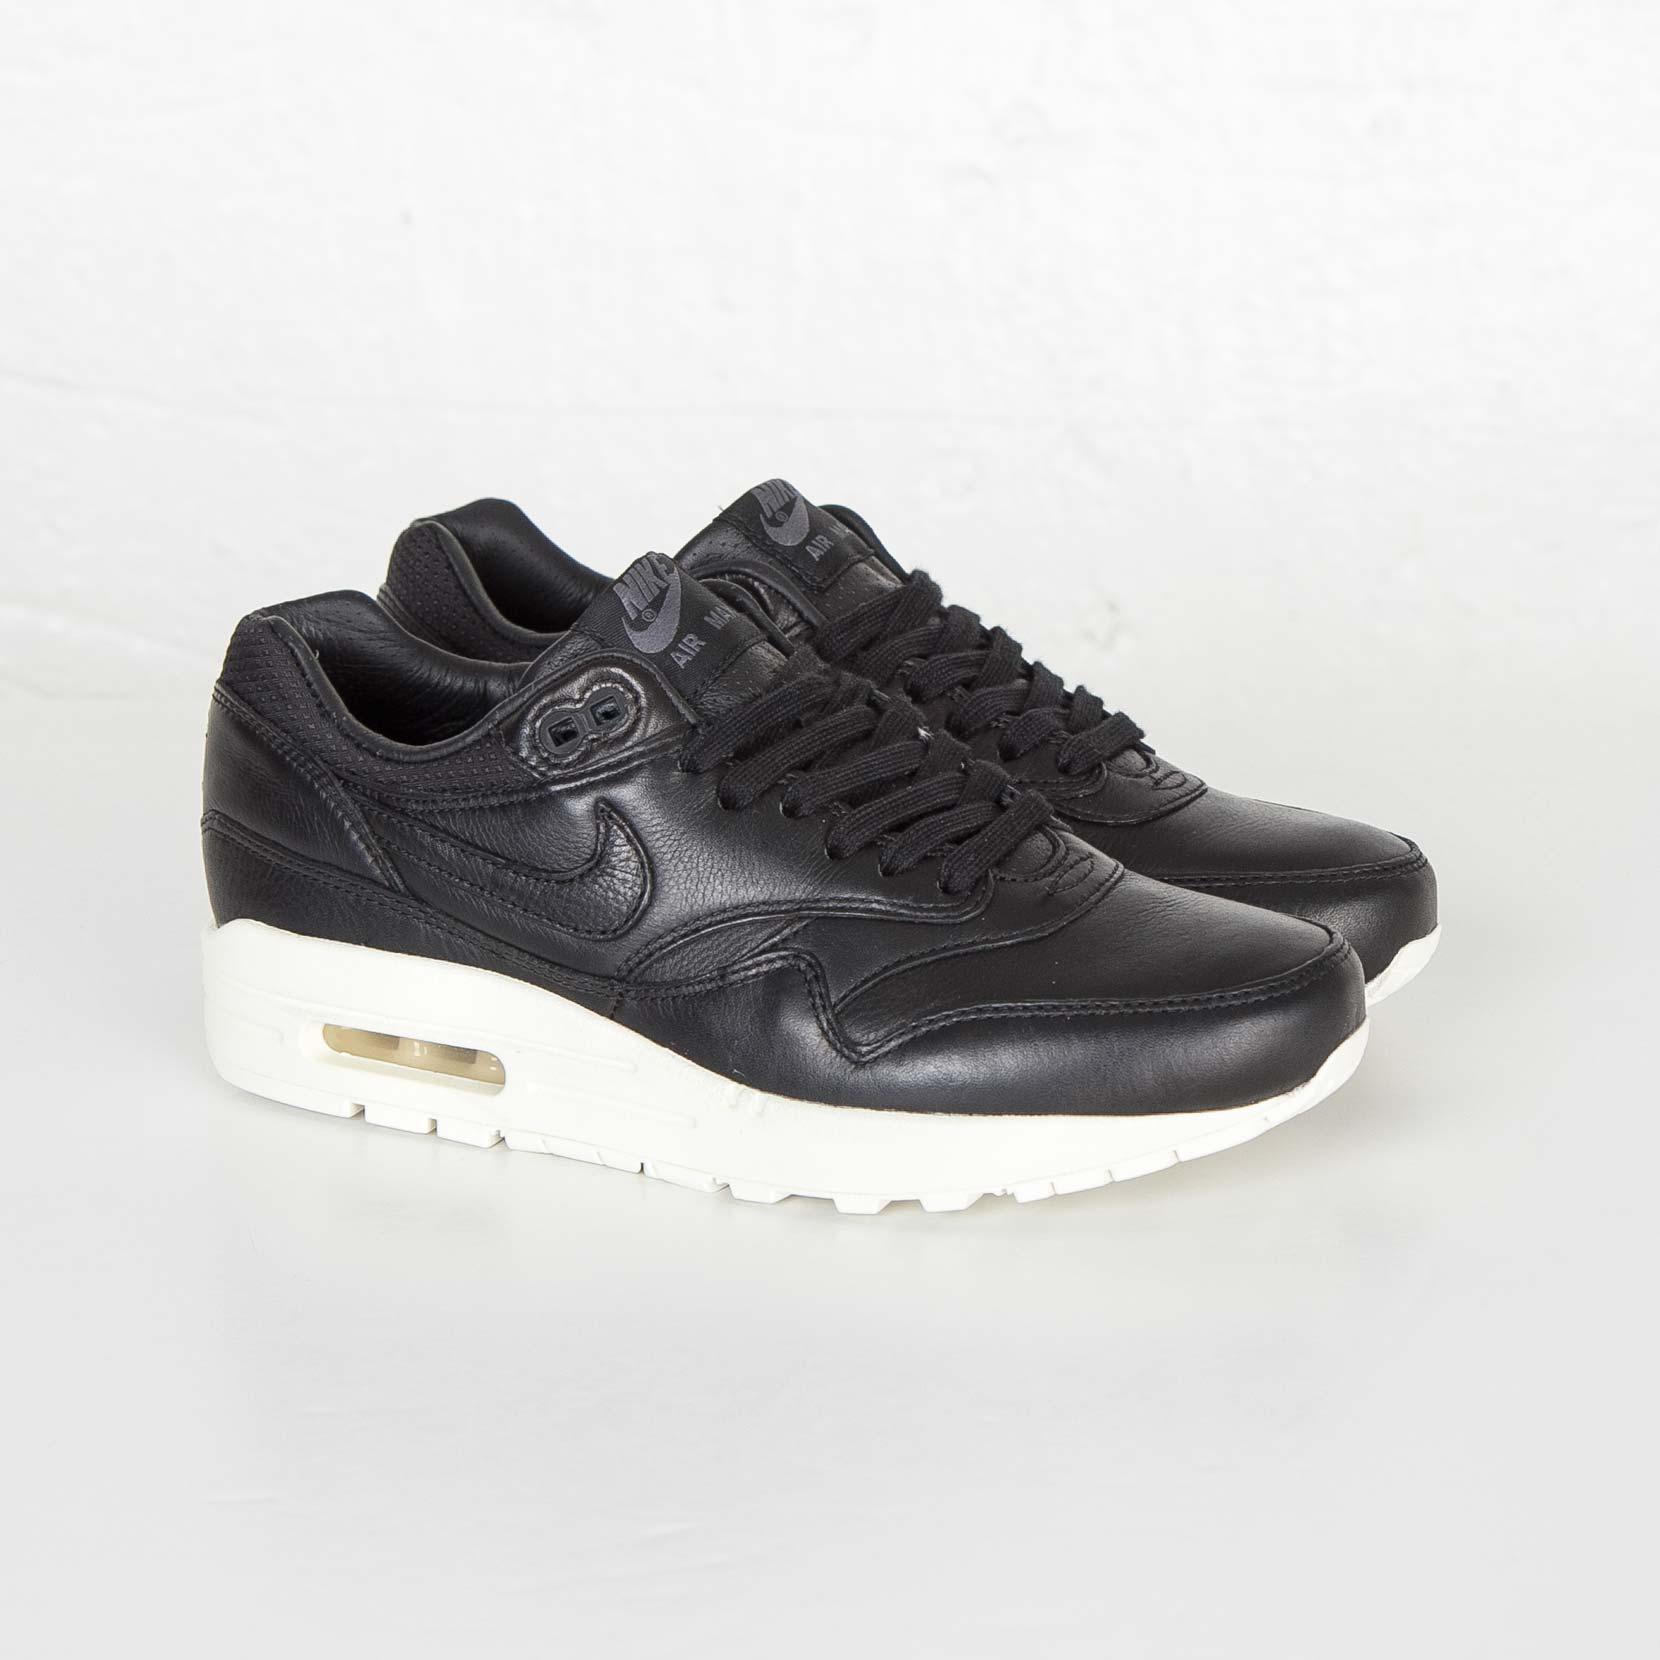 sale retailer e9e85 e2183 Nike Wmns Air Max 1 Pinnacle